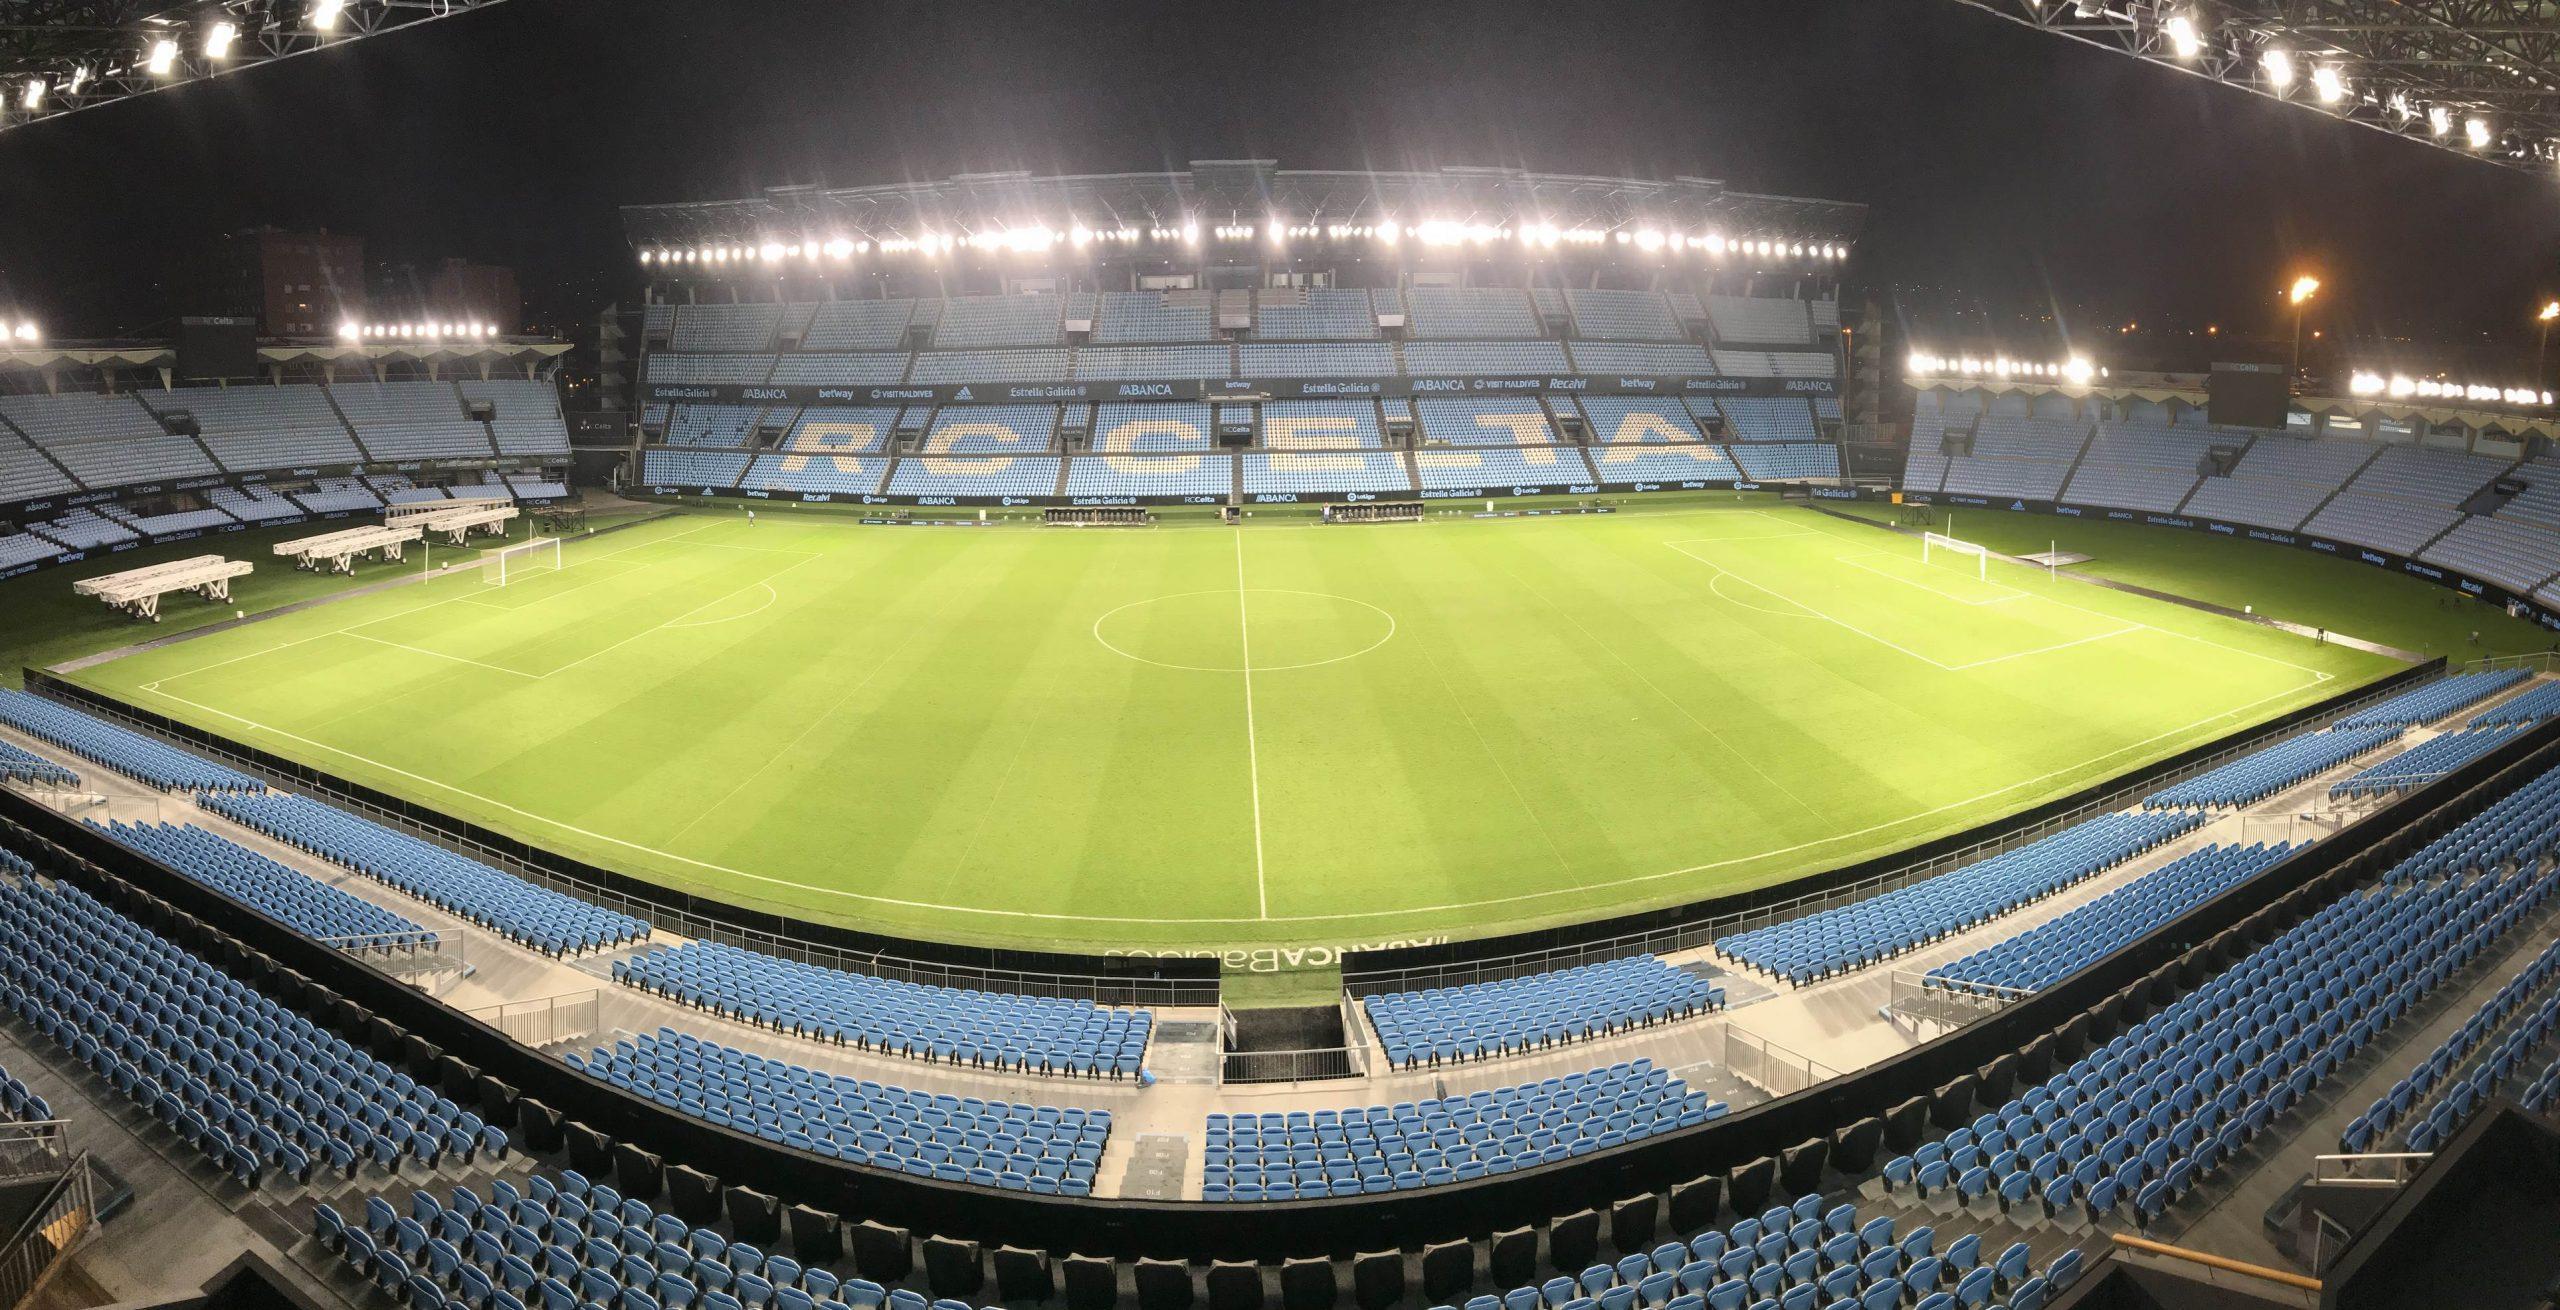 Estadio de Balaidos (RC Celta), Vigo